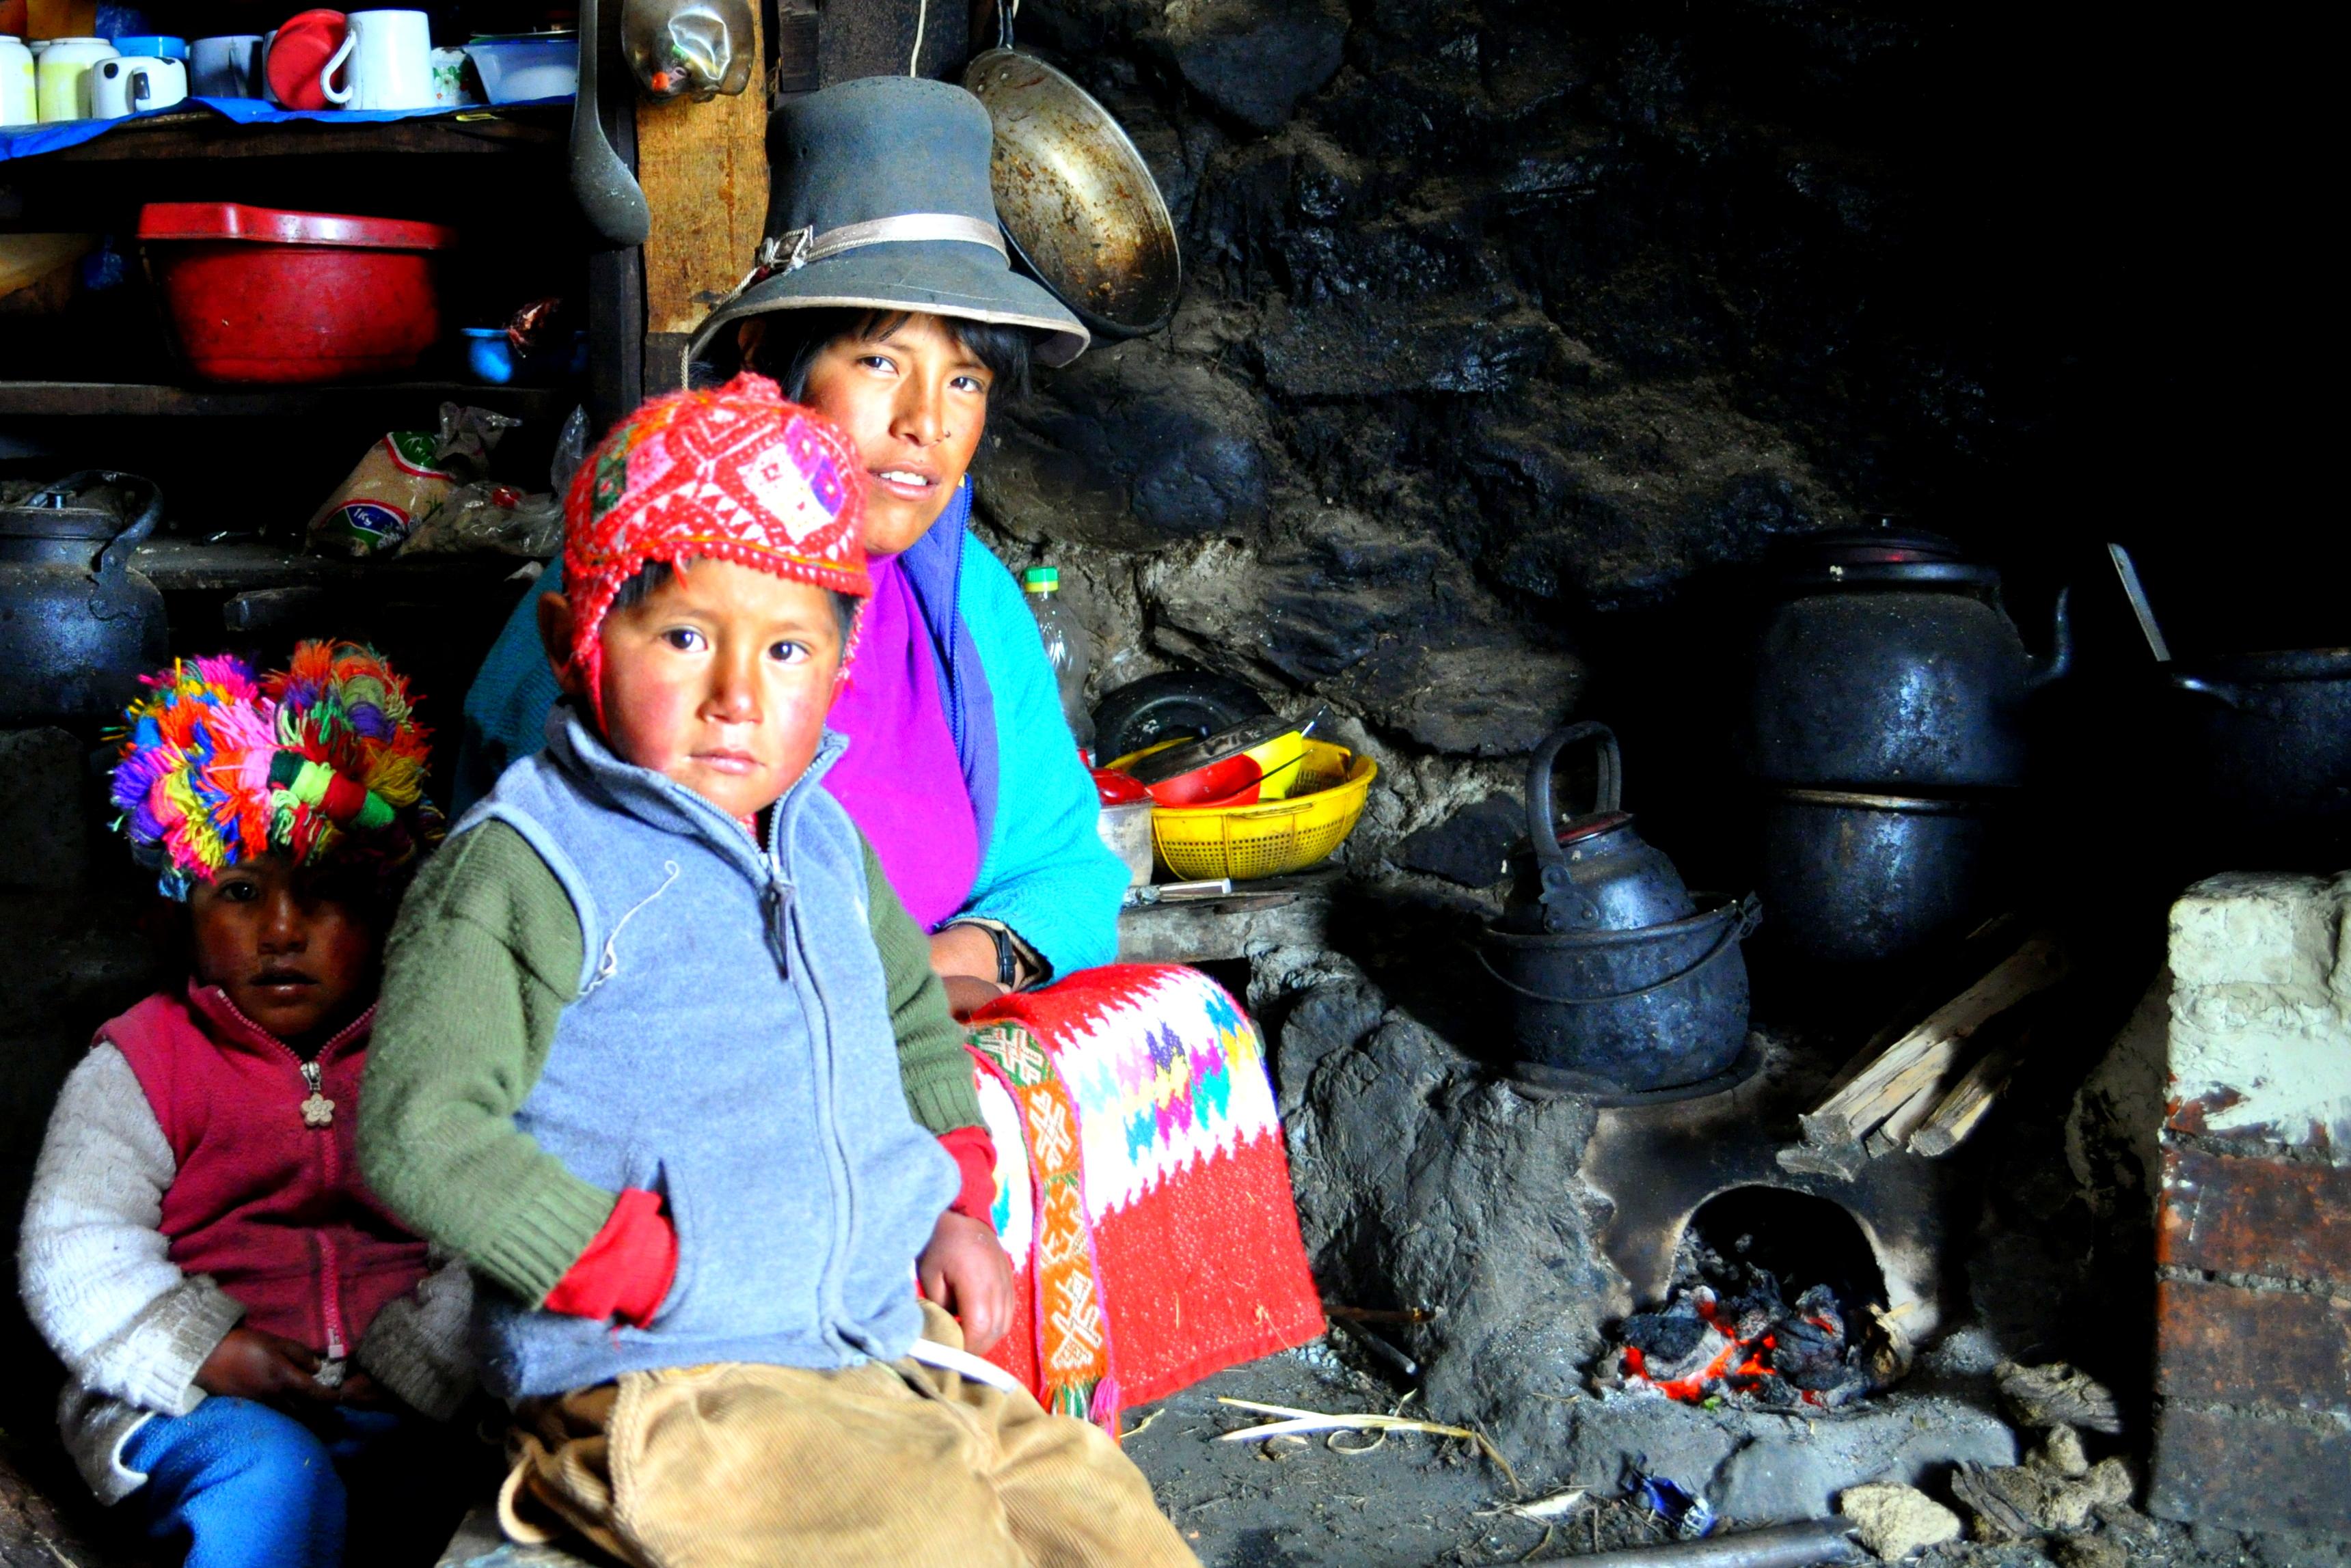 Caitlin Doughty in Perú, Part 2